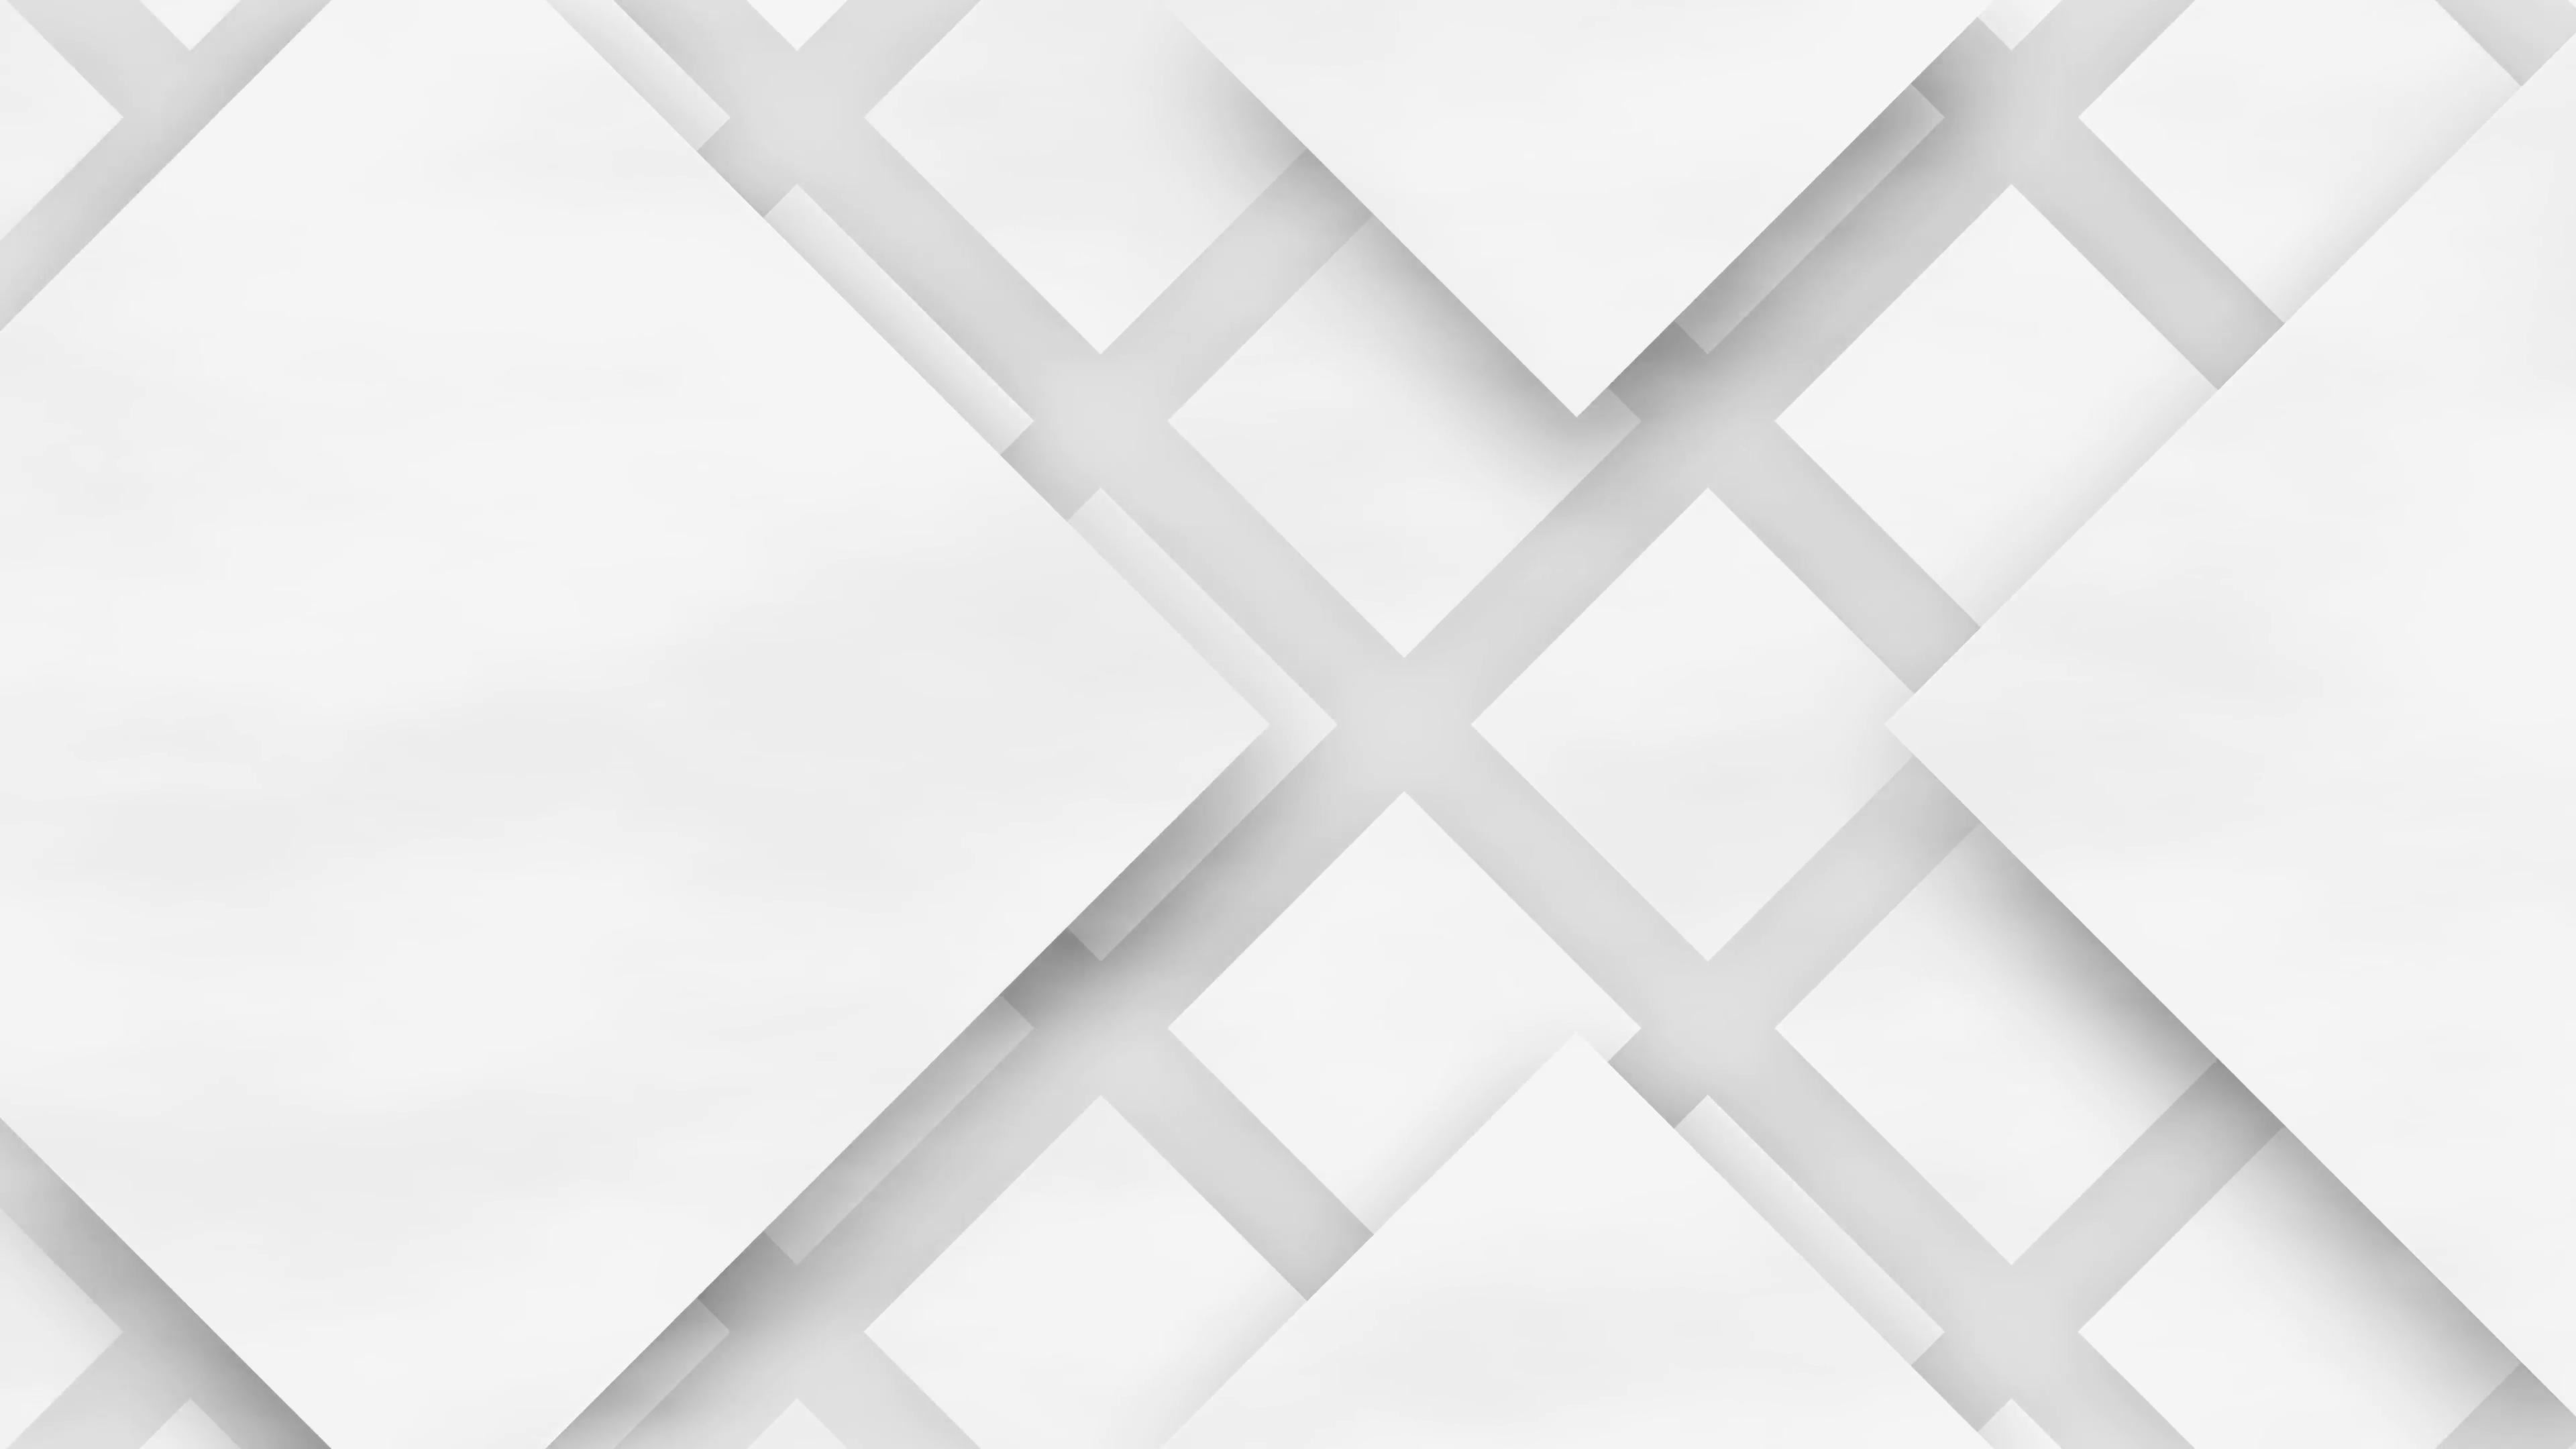 Hình nền trắng đẹp (103)